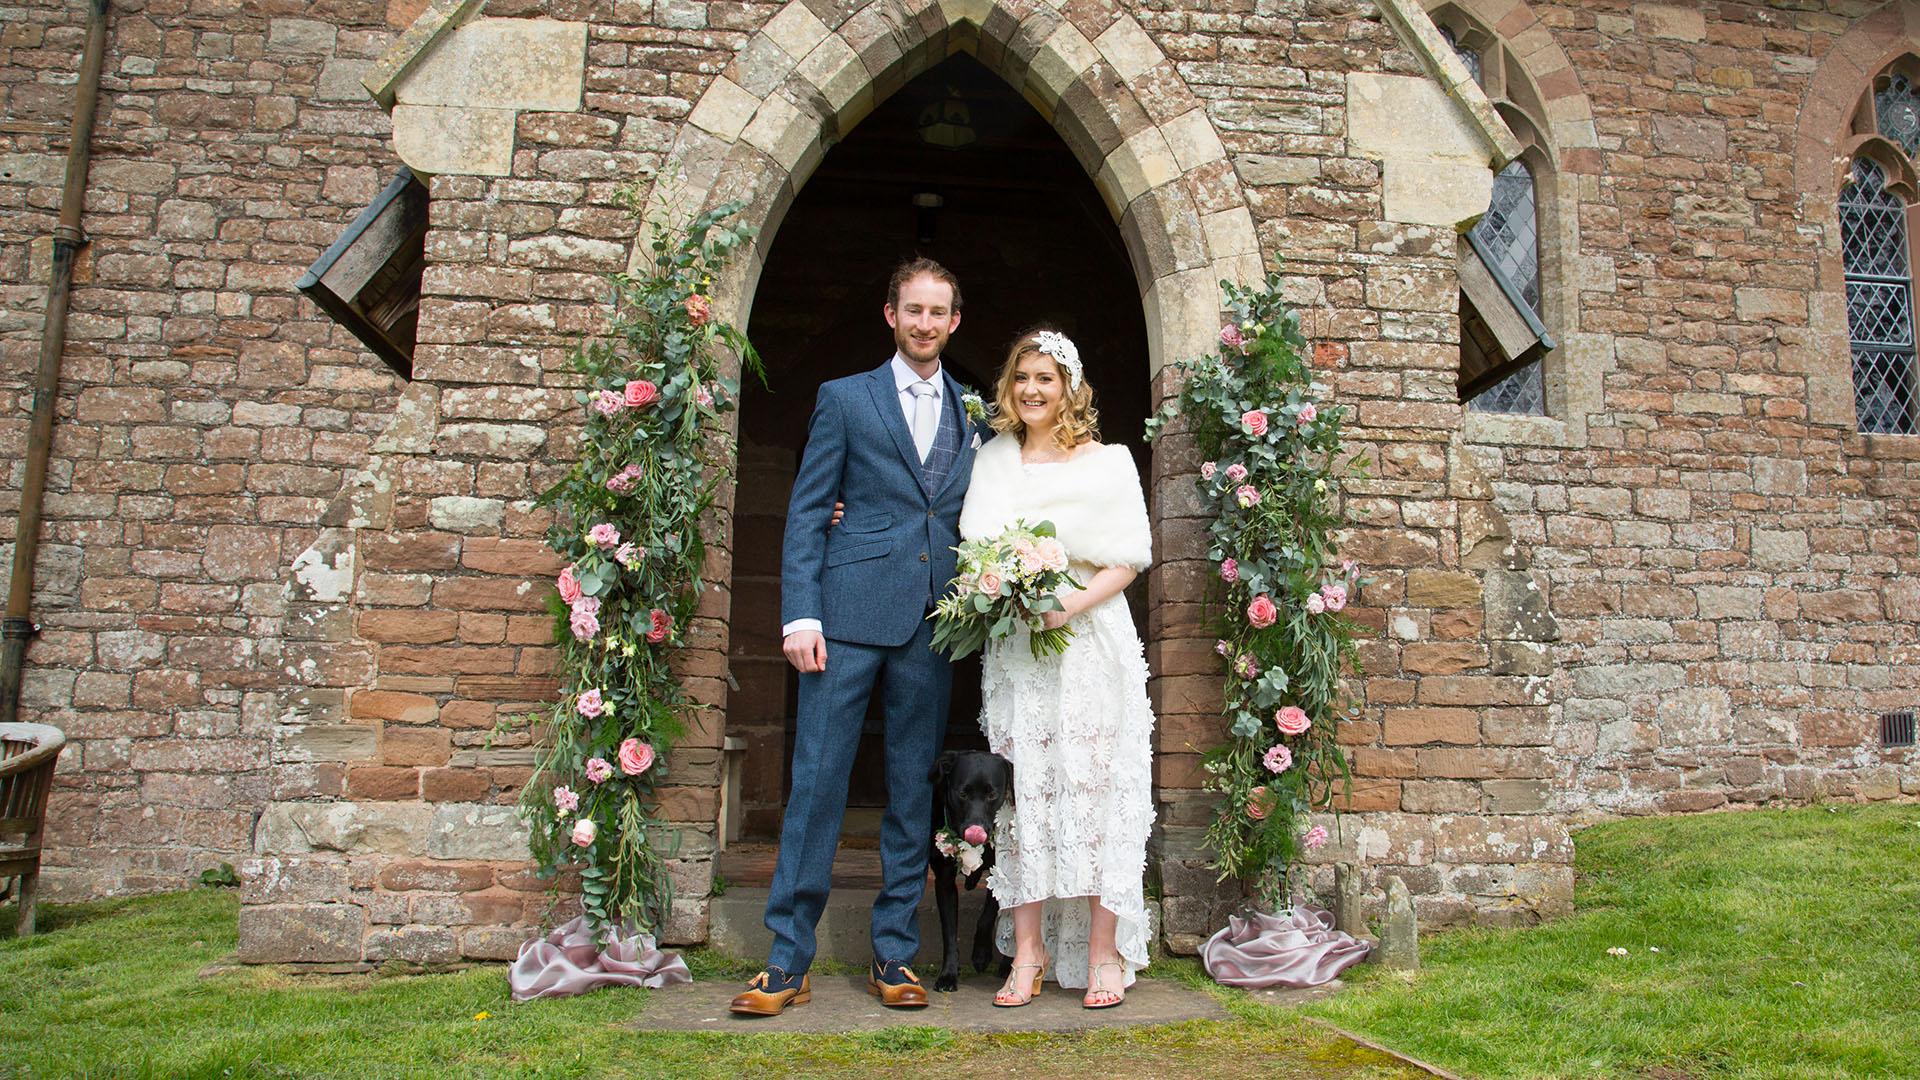 Wedding day at the Church at Munsley